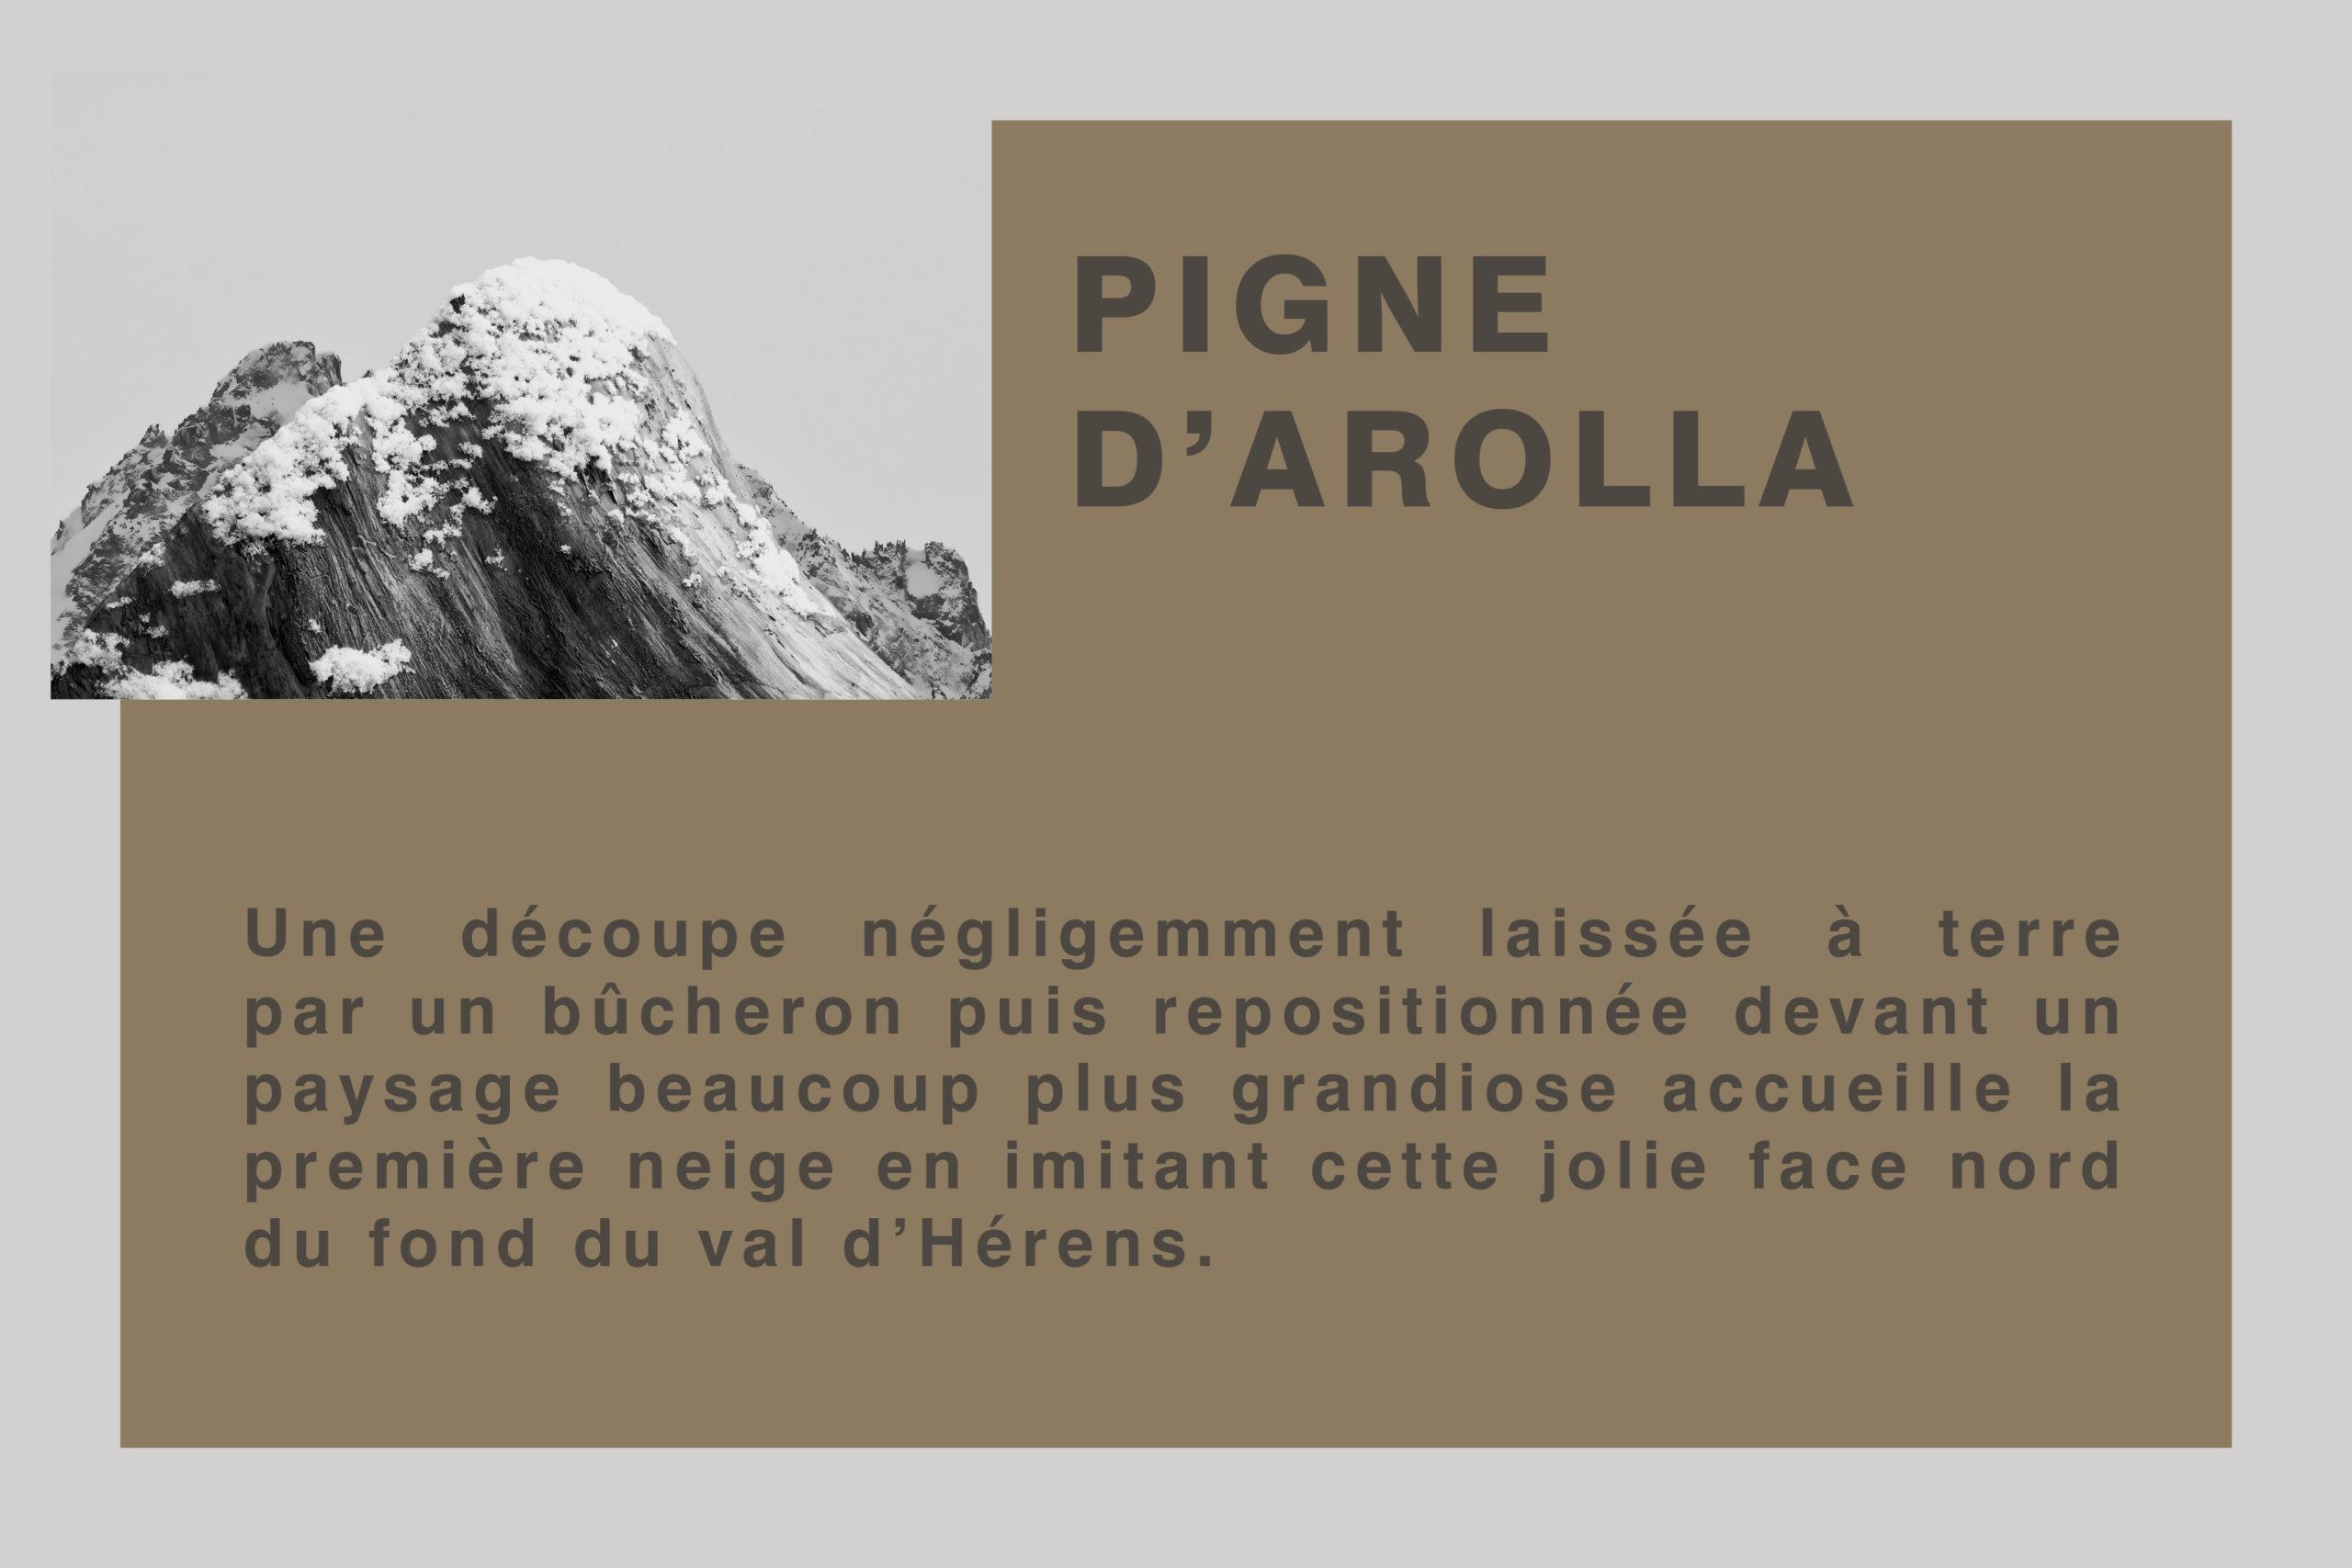 Pigne d'Arolla